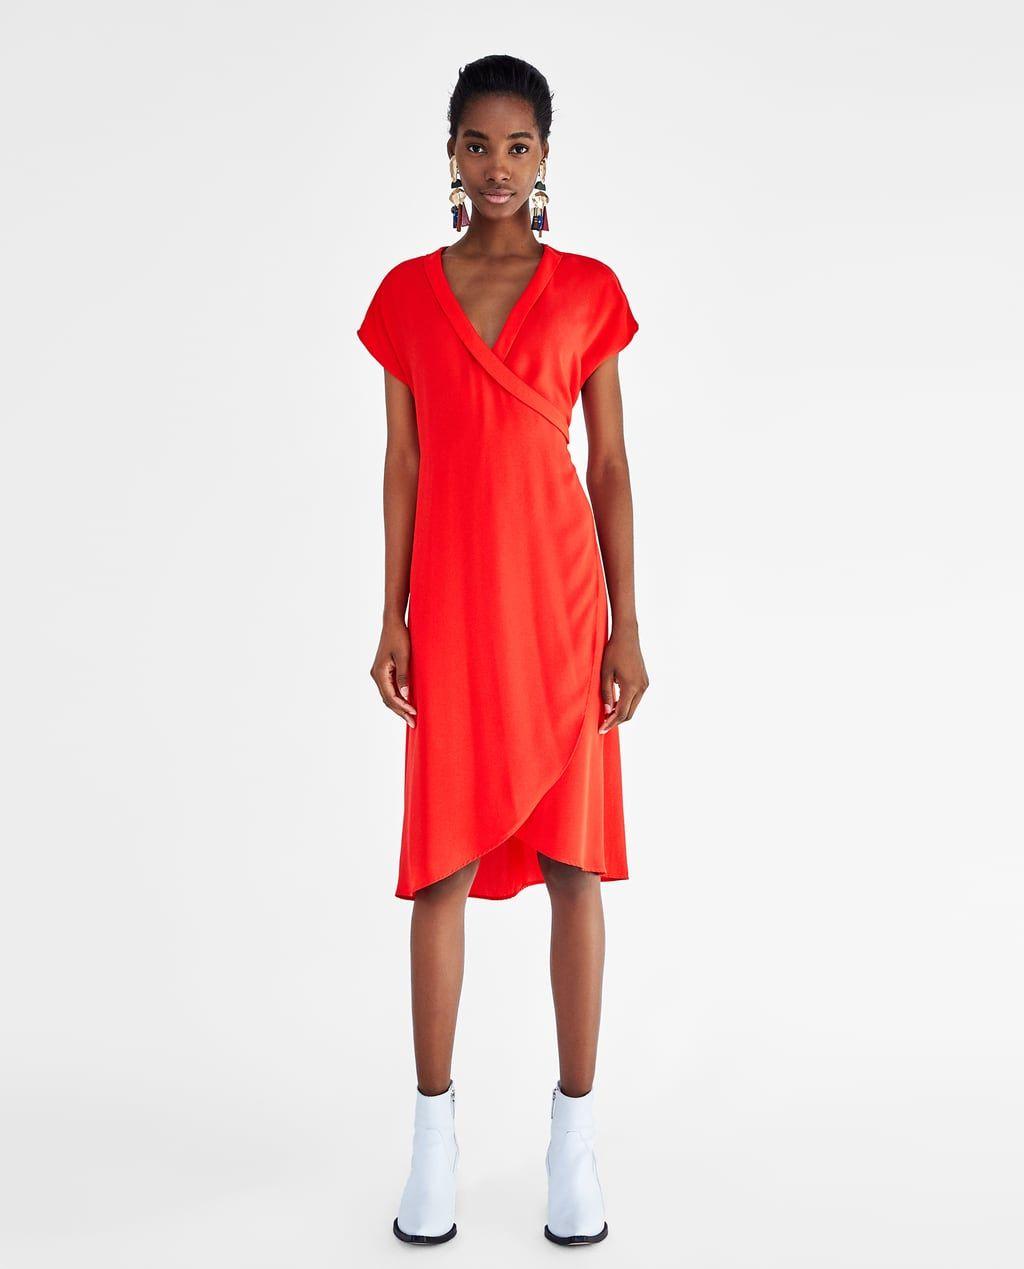 Zdjecie 1 Kopertowa Sukienka O Asymetrycznym Kroju Z Zara Red Wrap Dress Dresses Fashion